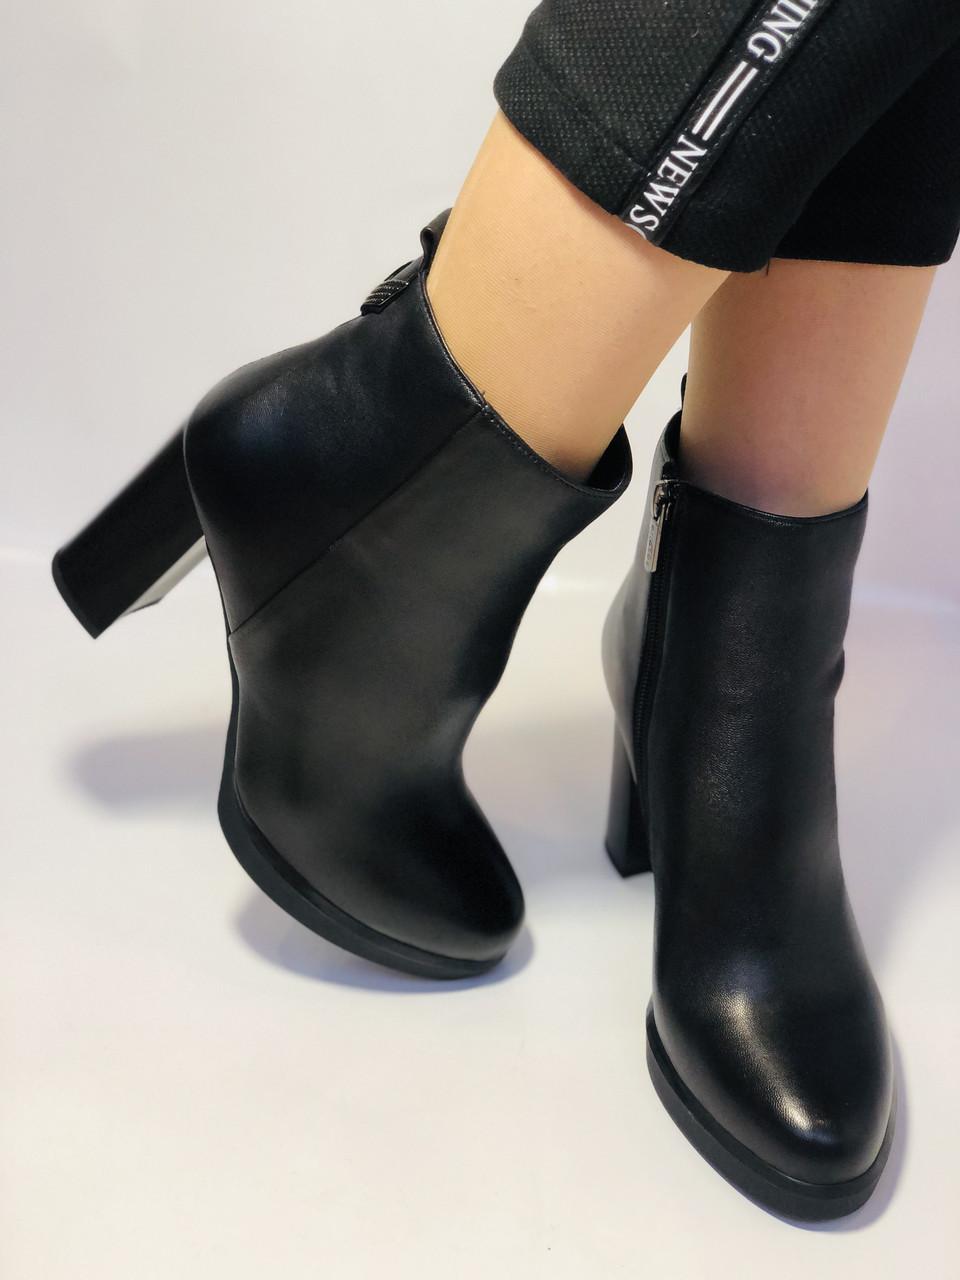 Женские модельные ботинки на каблуке. Натуральная кожа. Люкс качество. Erisses. Р. 35.36.37.38.40.Vellena